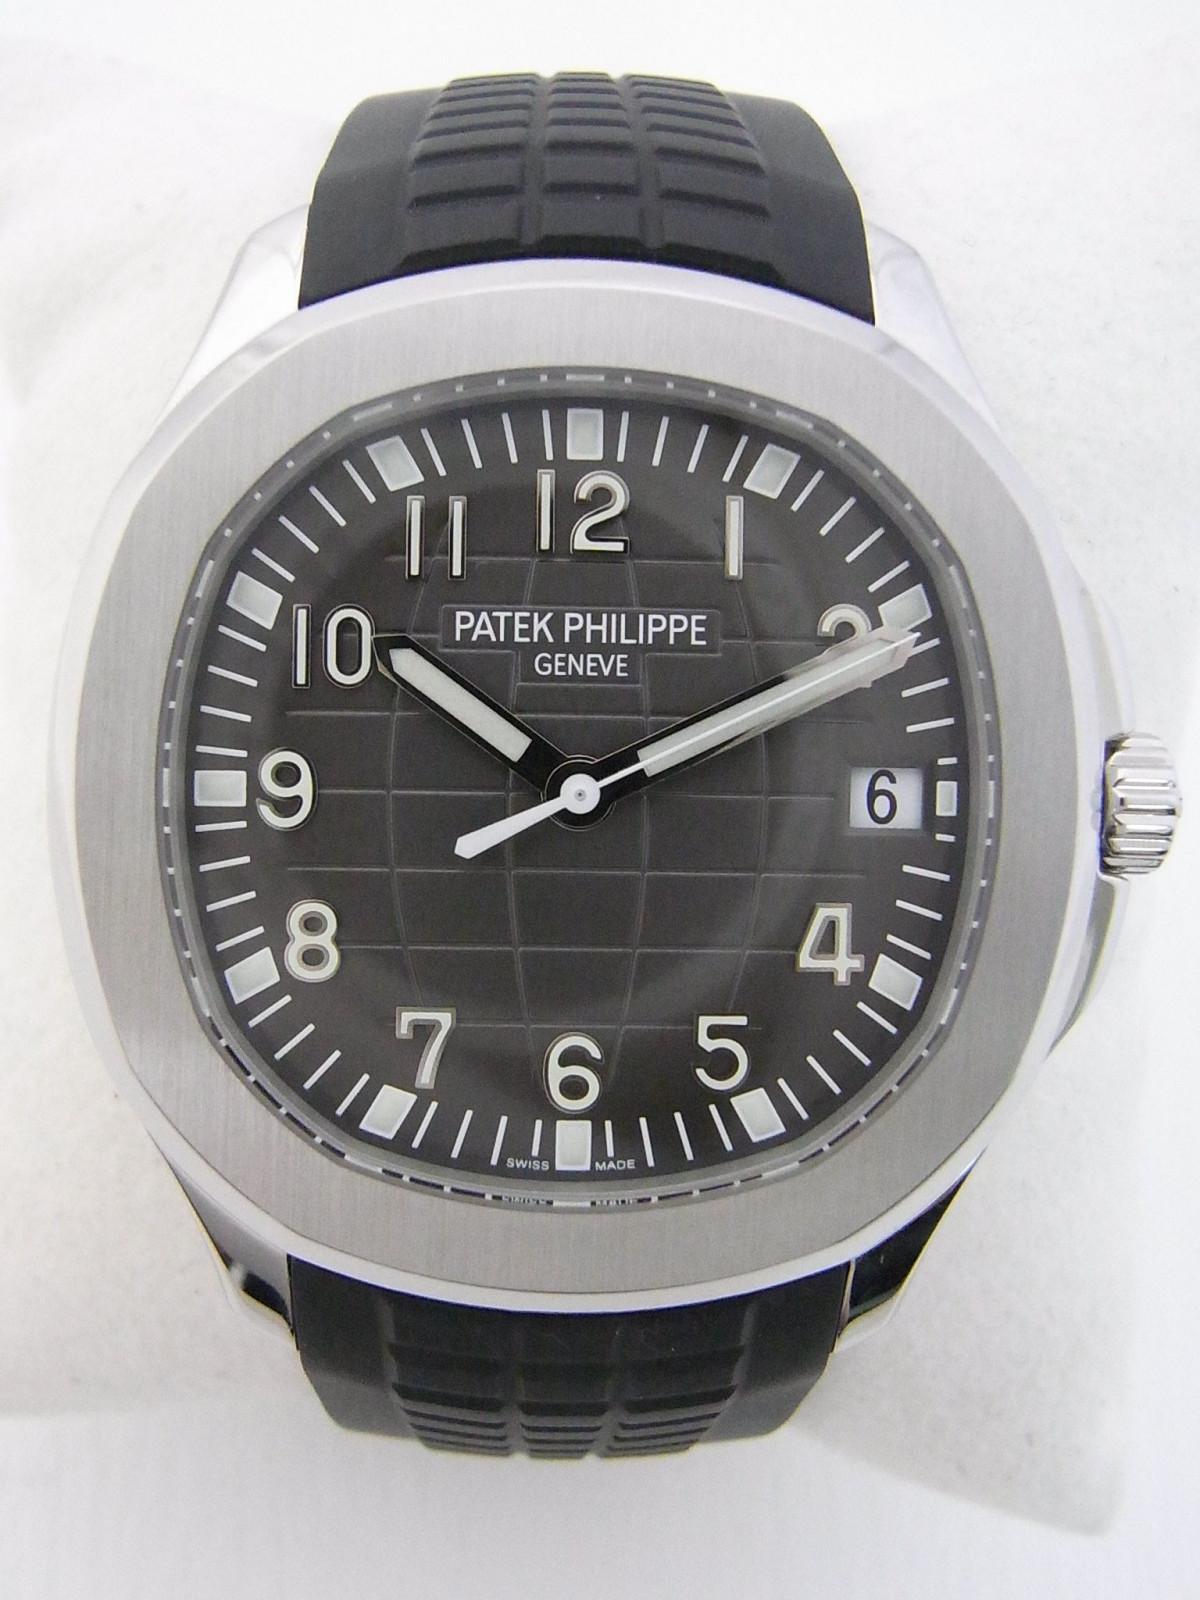 e8a9296e09d Patek Philippe Aquanaut Extra Large 5167A-001 relógio usados ...